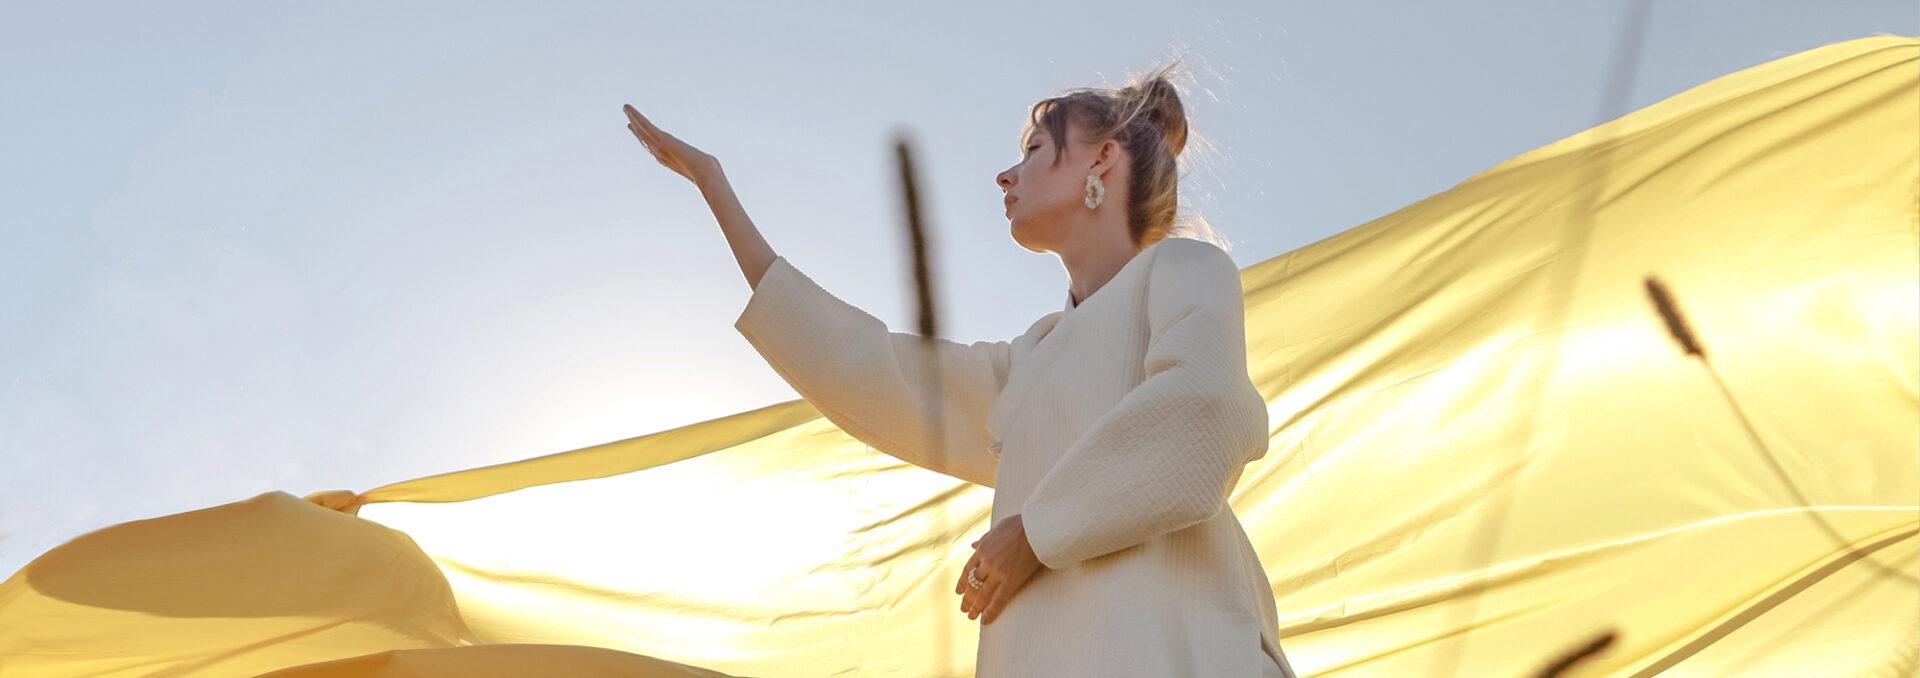 Саша Годяева: Все, чем вы занимаетесь, может стать медитацией